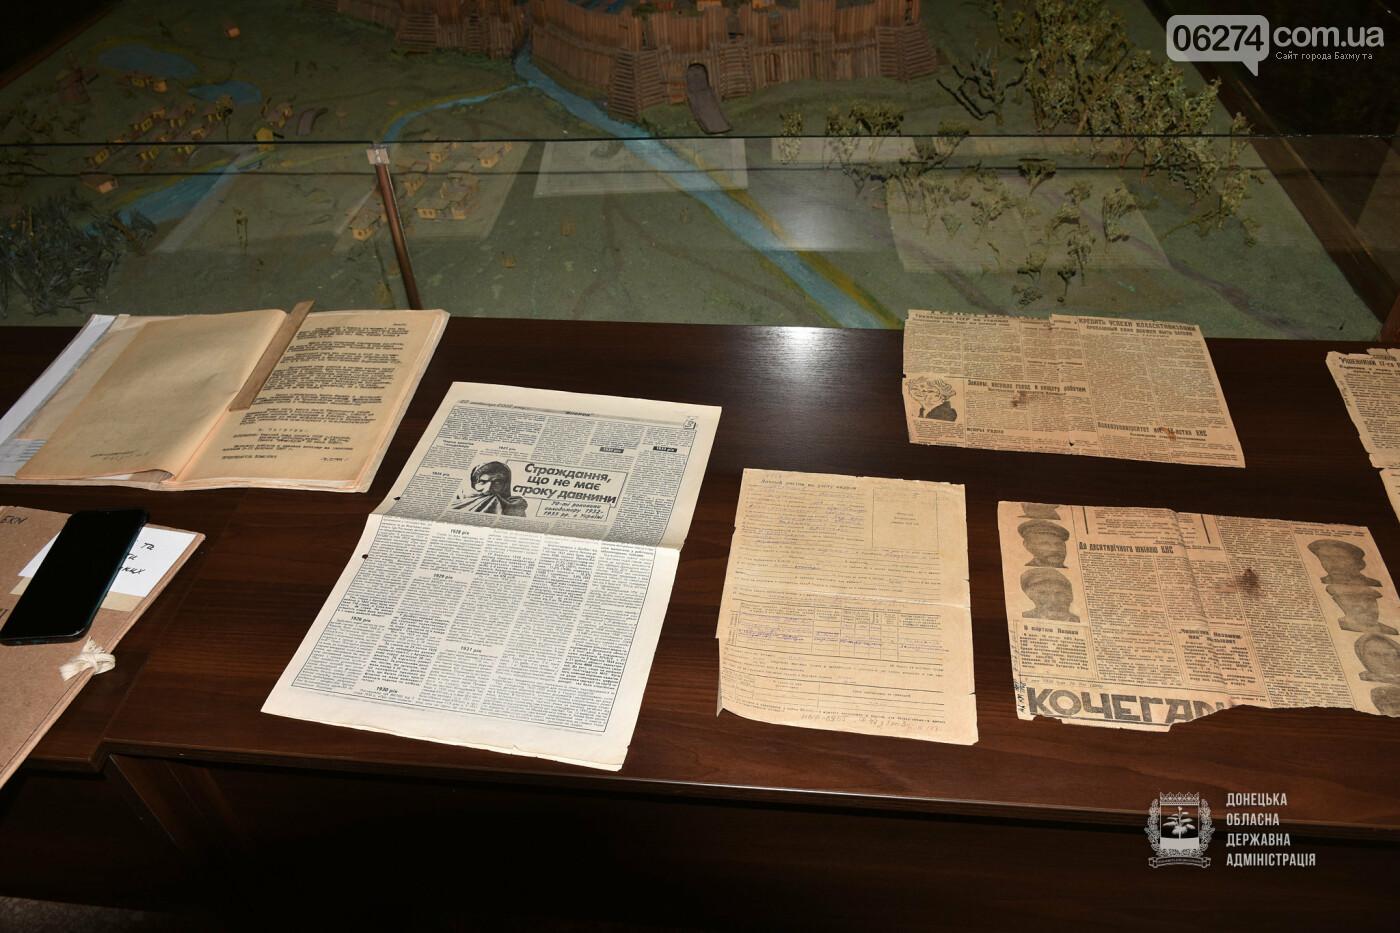 В Бахмуте открылась онлайн-выставка памяти жертв Голодомора и Большого террора, фото-7